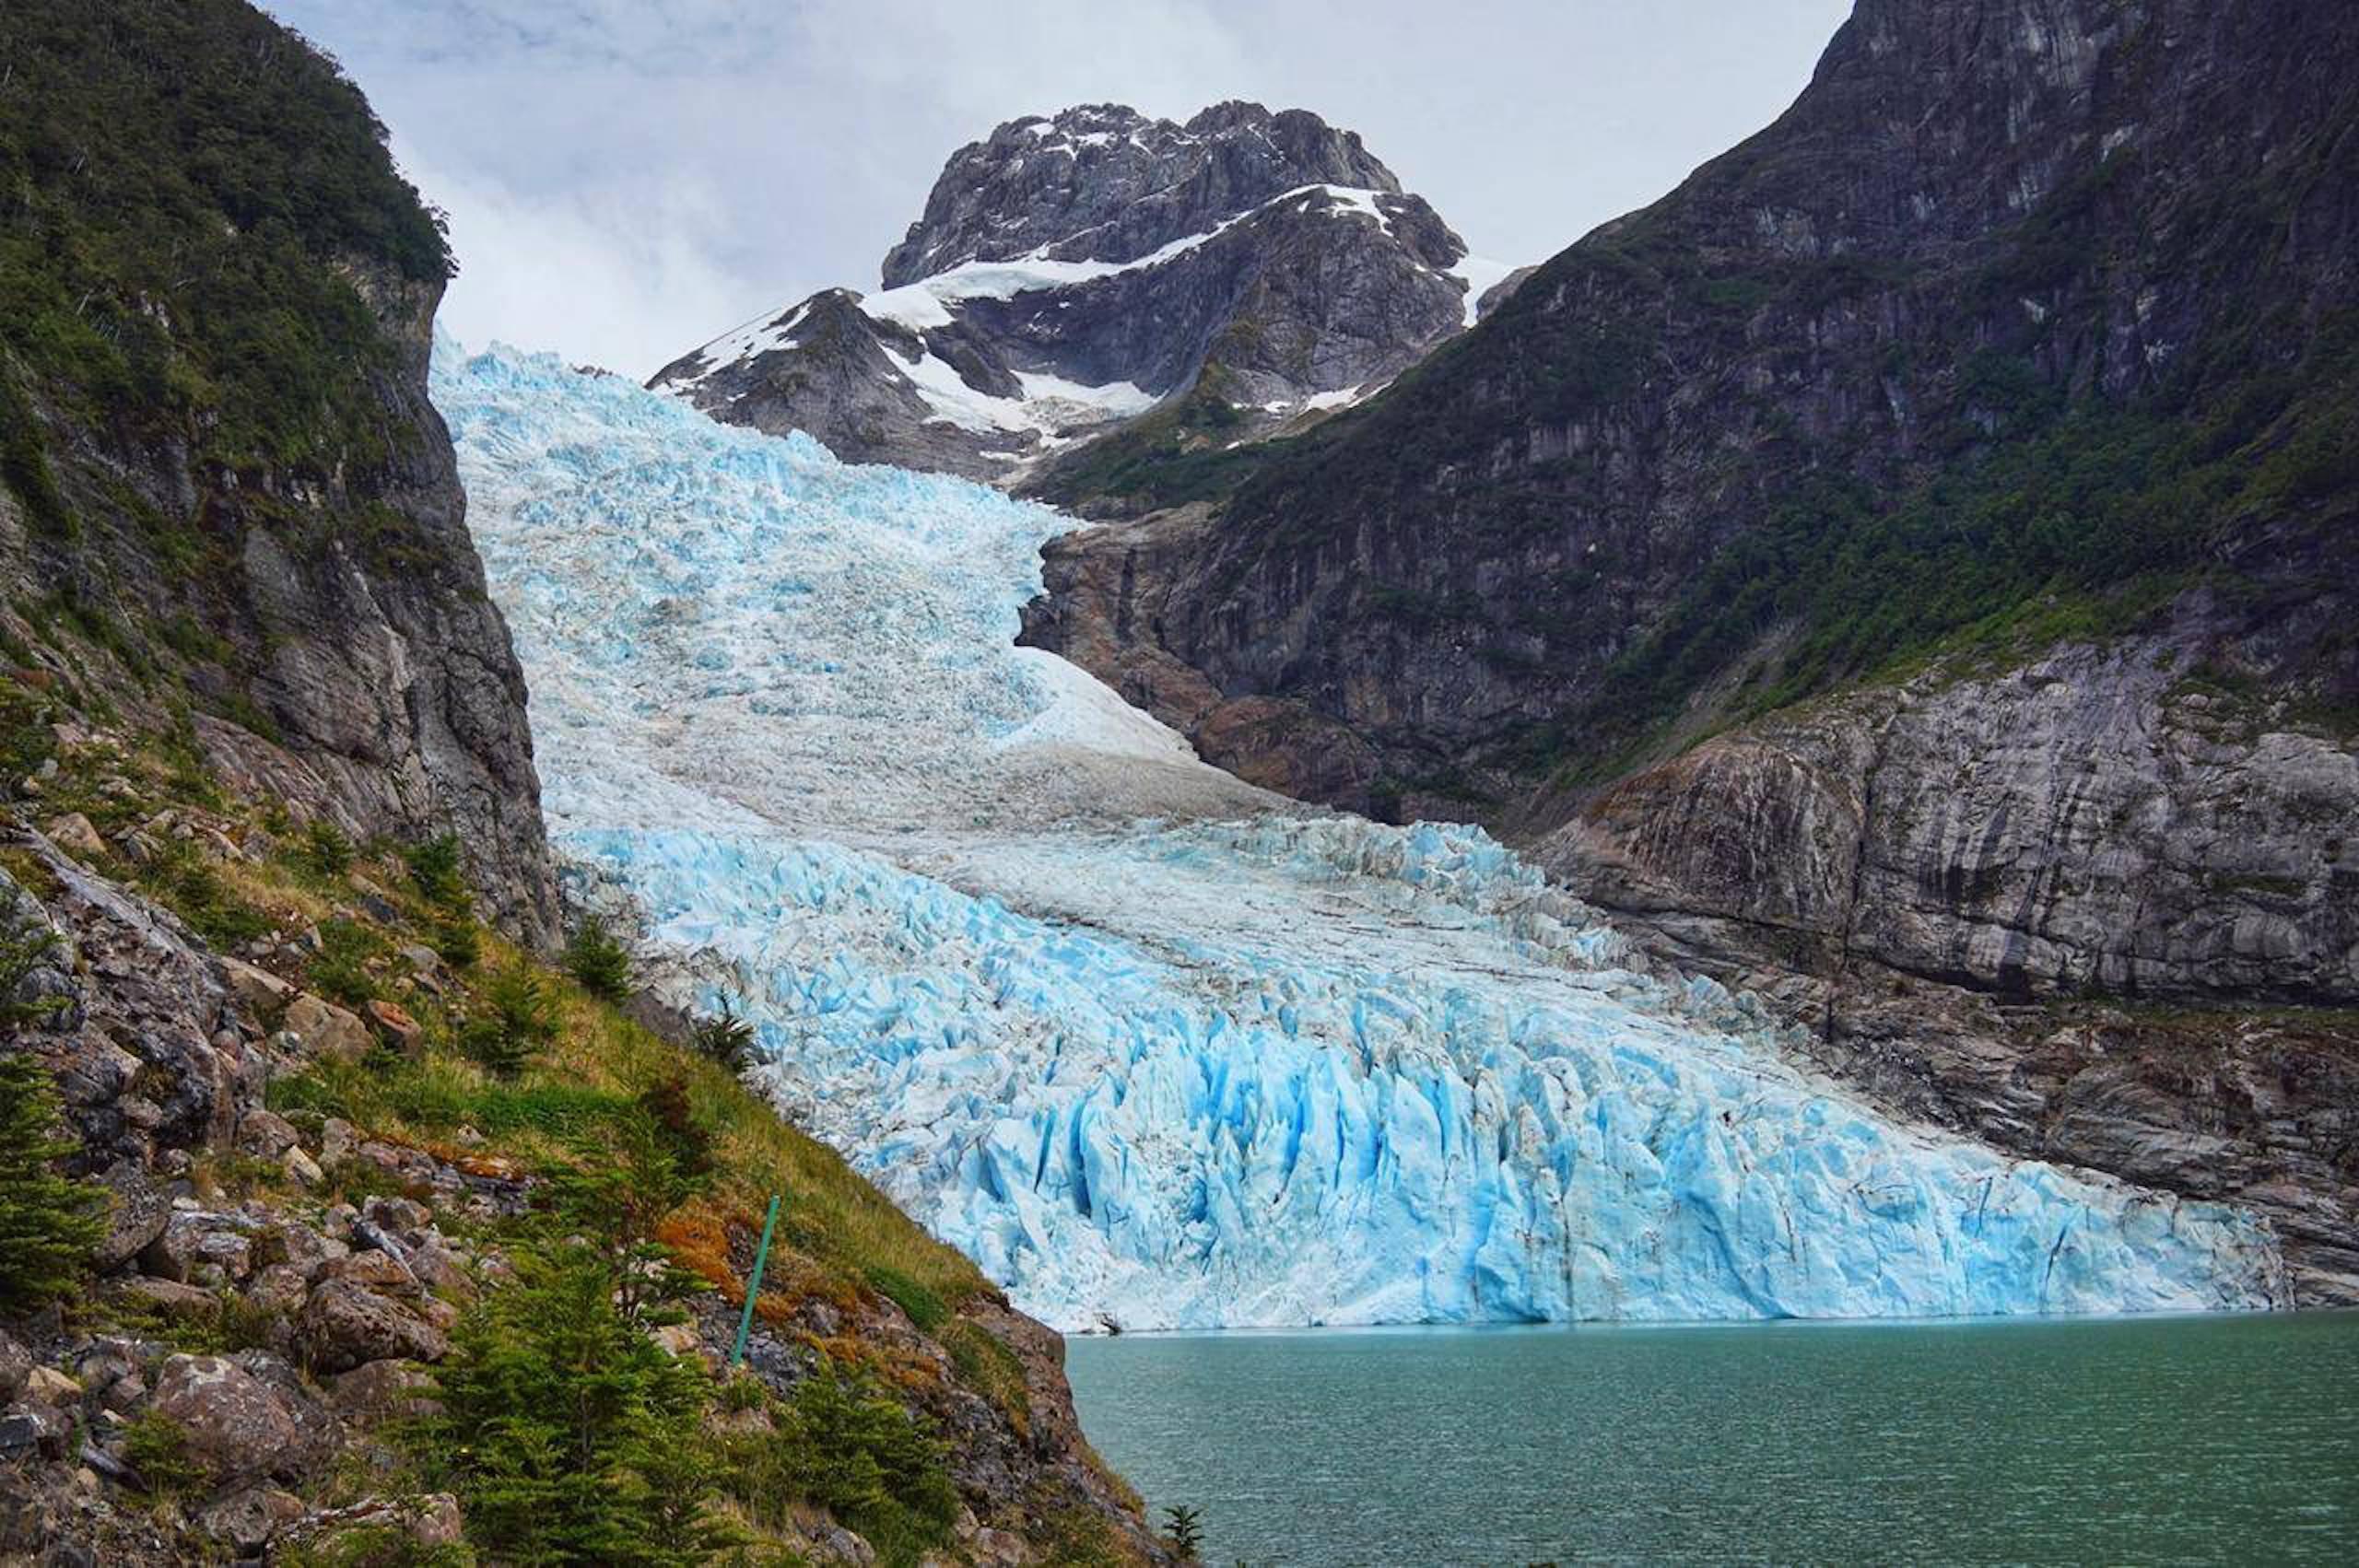 Gobierno presenta proyecto de ley de cambio climático que pretende disminuir impactos negativos de este fenómeno en Chile